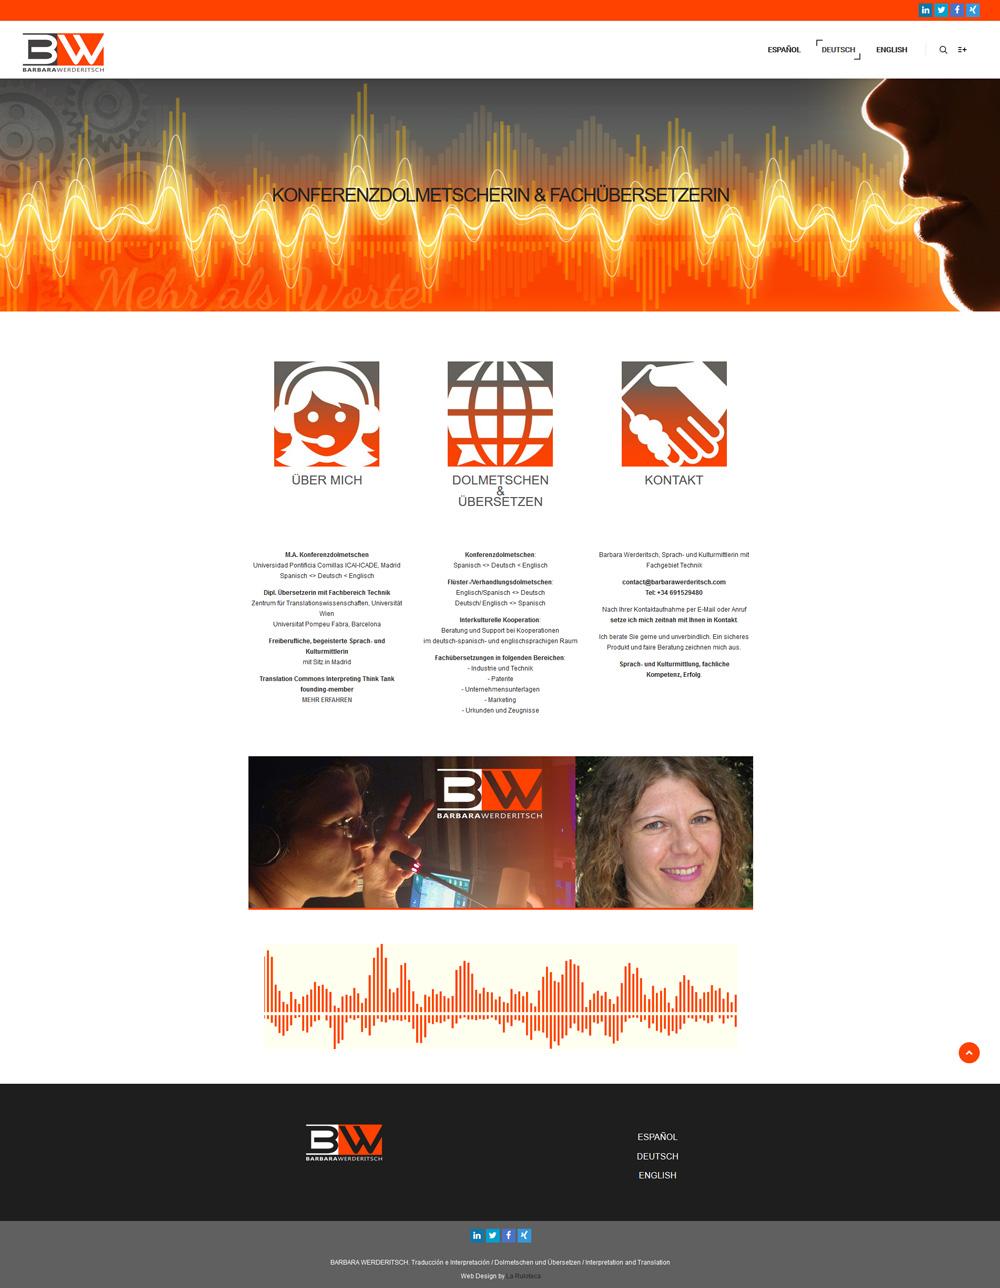 Diseño y desarrollo web BARBARA WERDERITSCH Home alemán